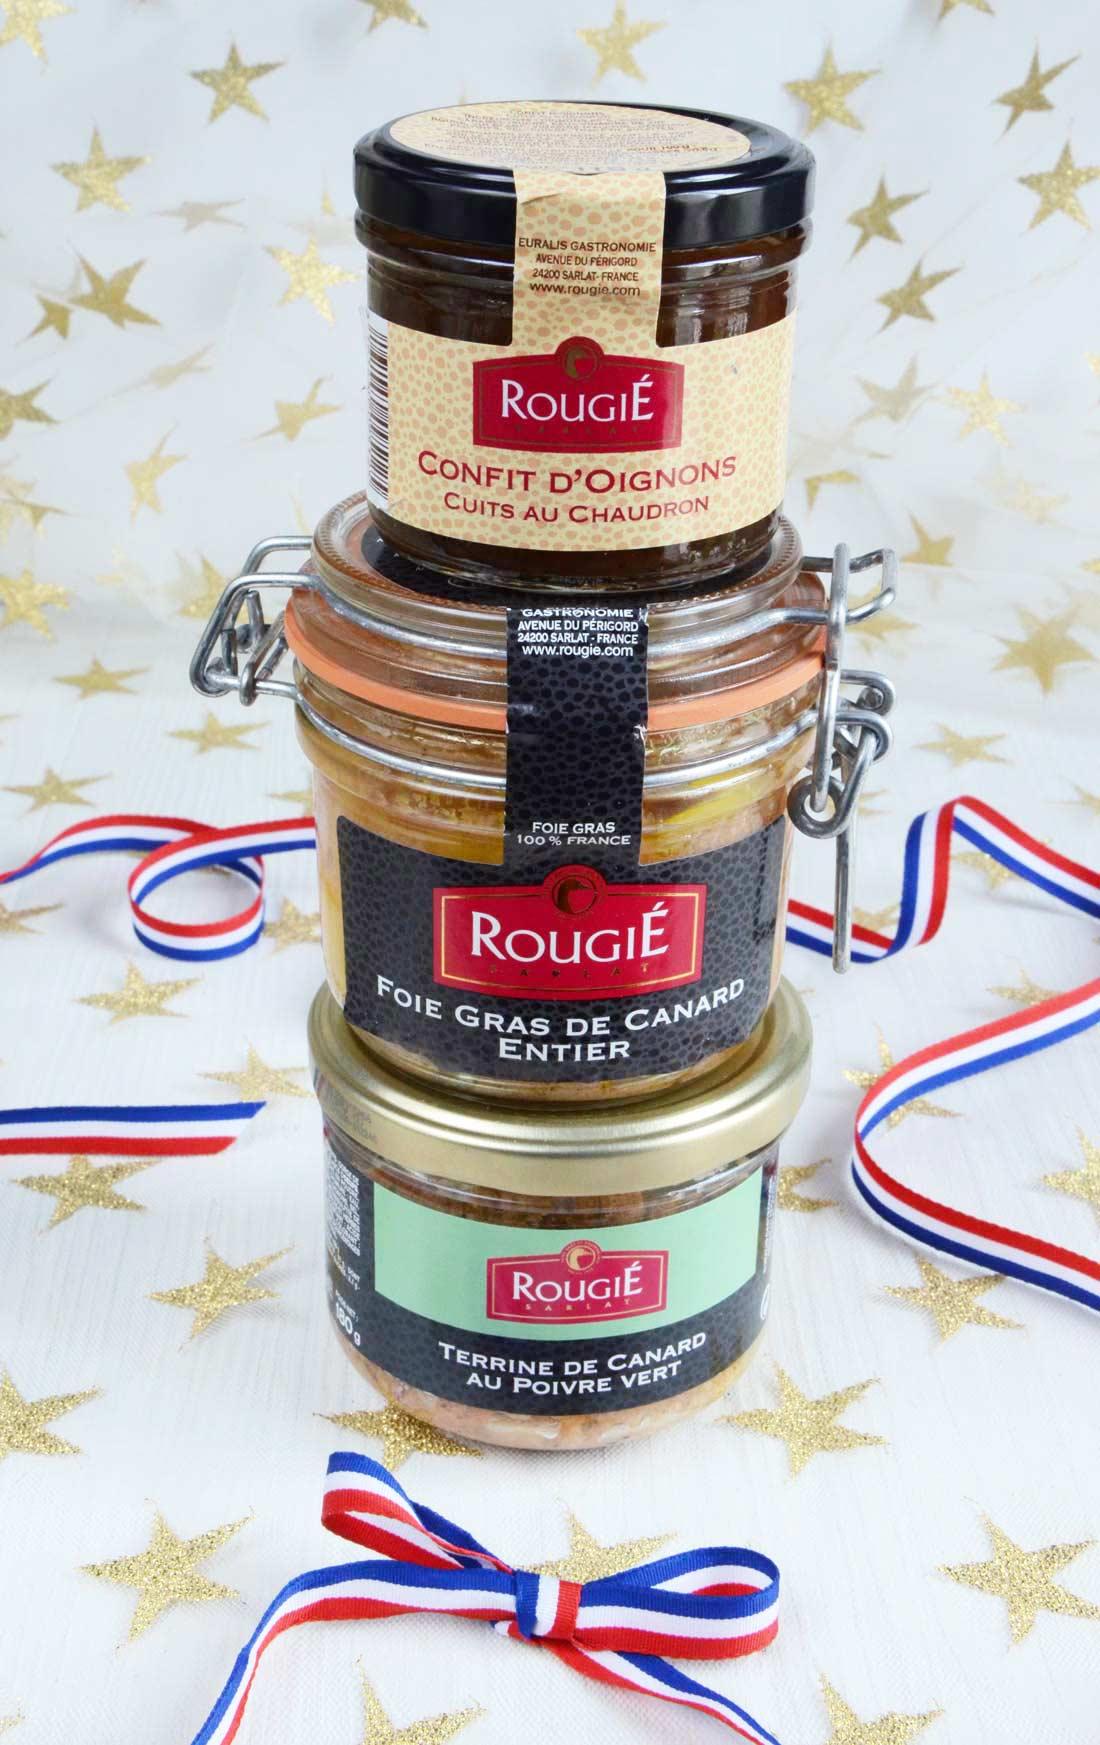 Jeu foie gras Rougié